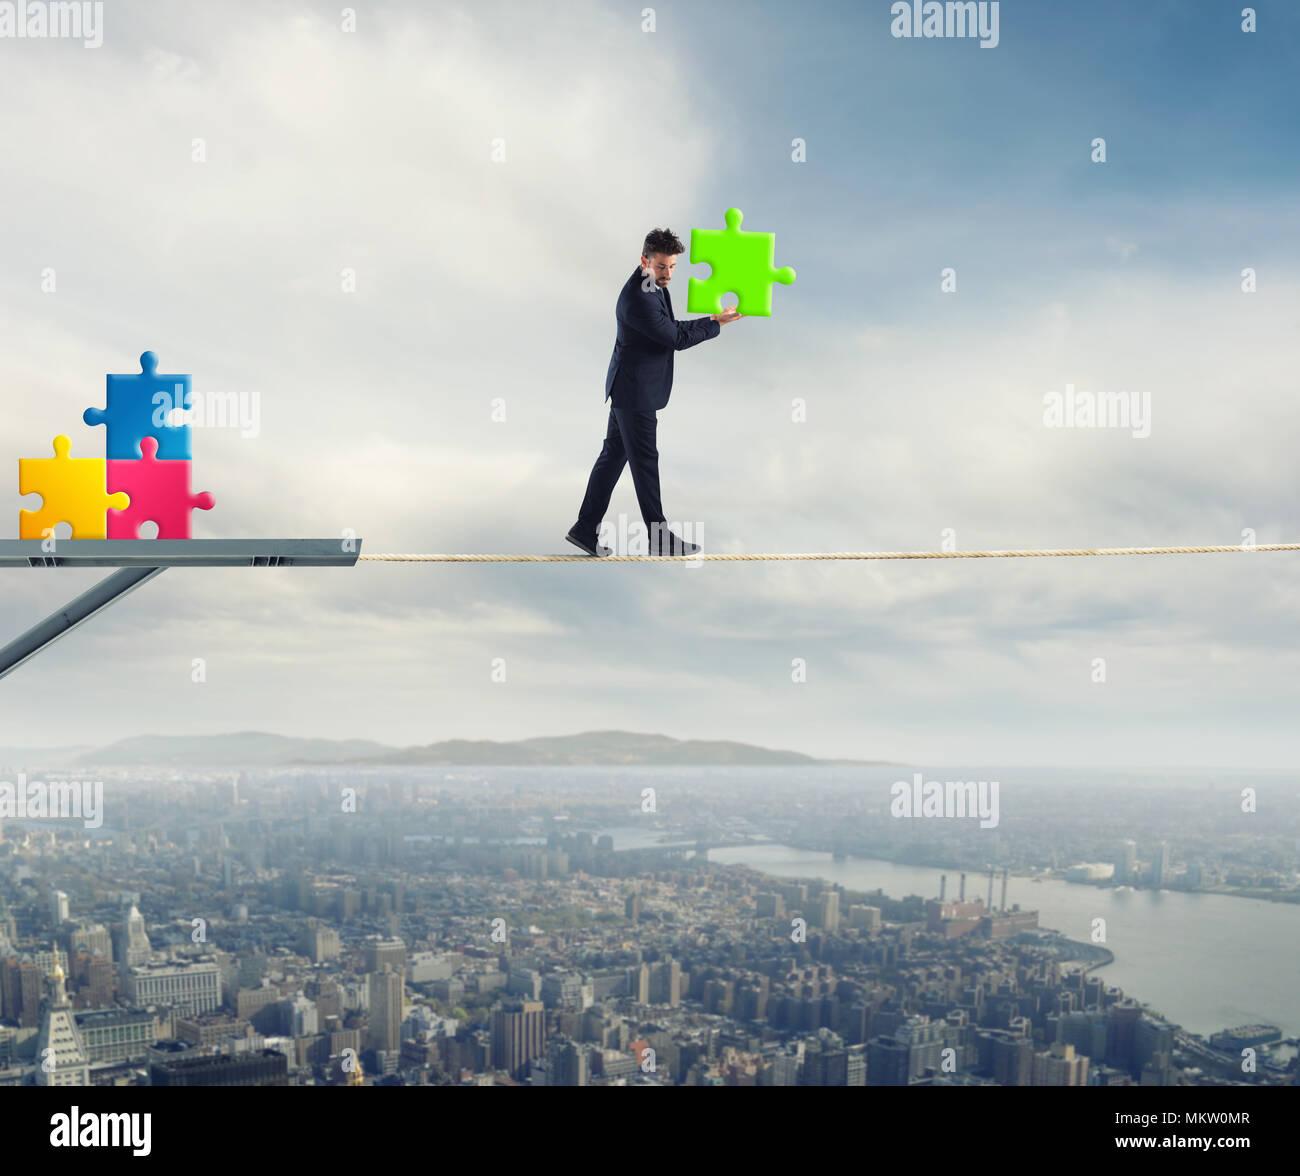 El empresario lleva una pieza del puzzle mientras él caminando sobre una cuerda. concepto de pieza faltante Foto de stock